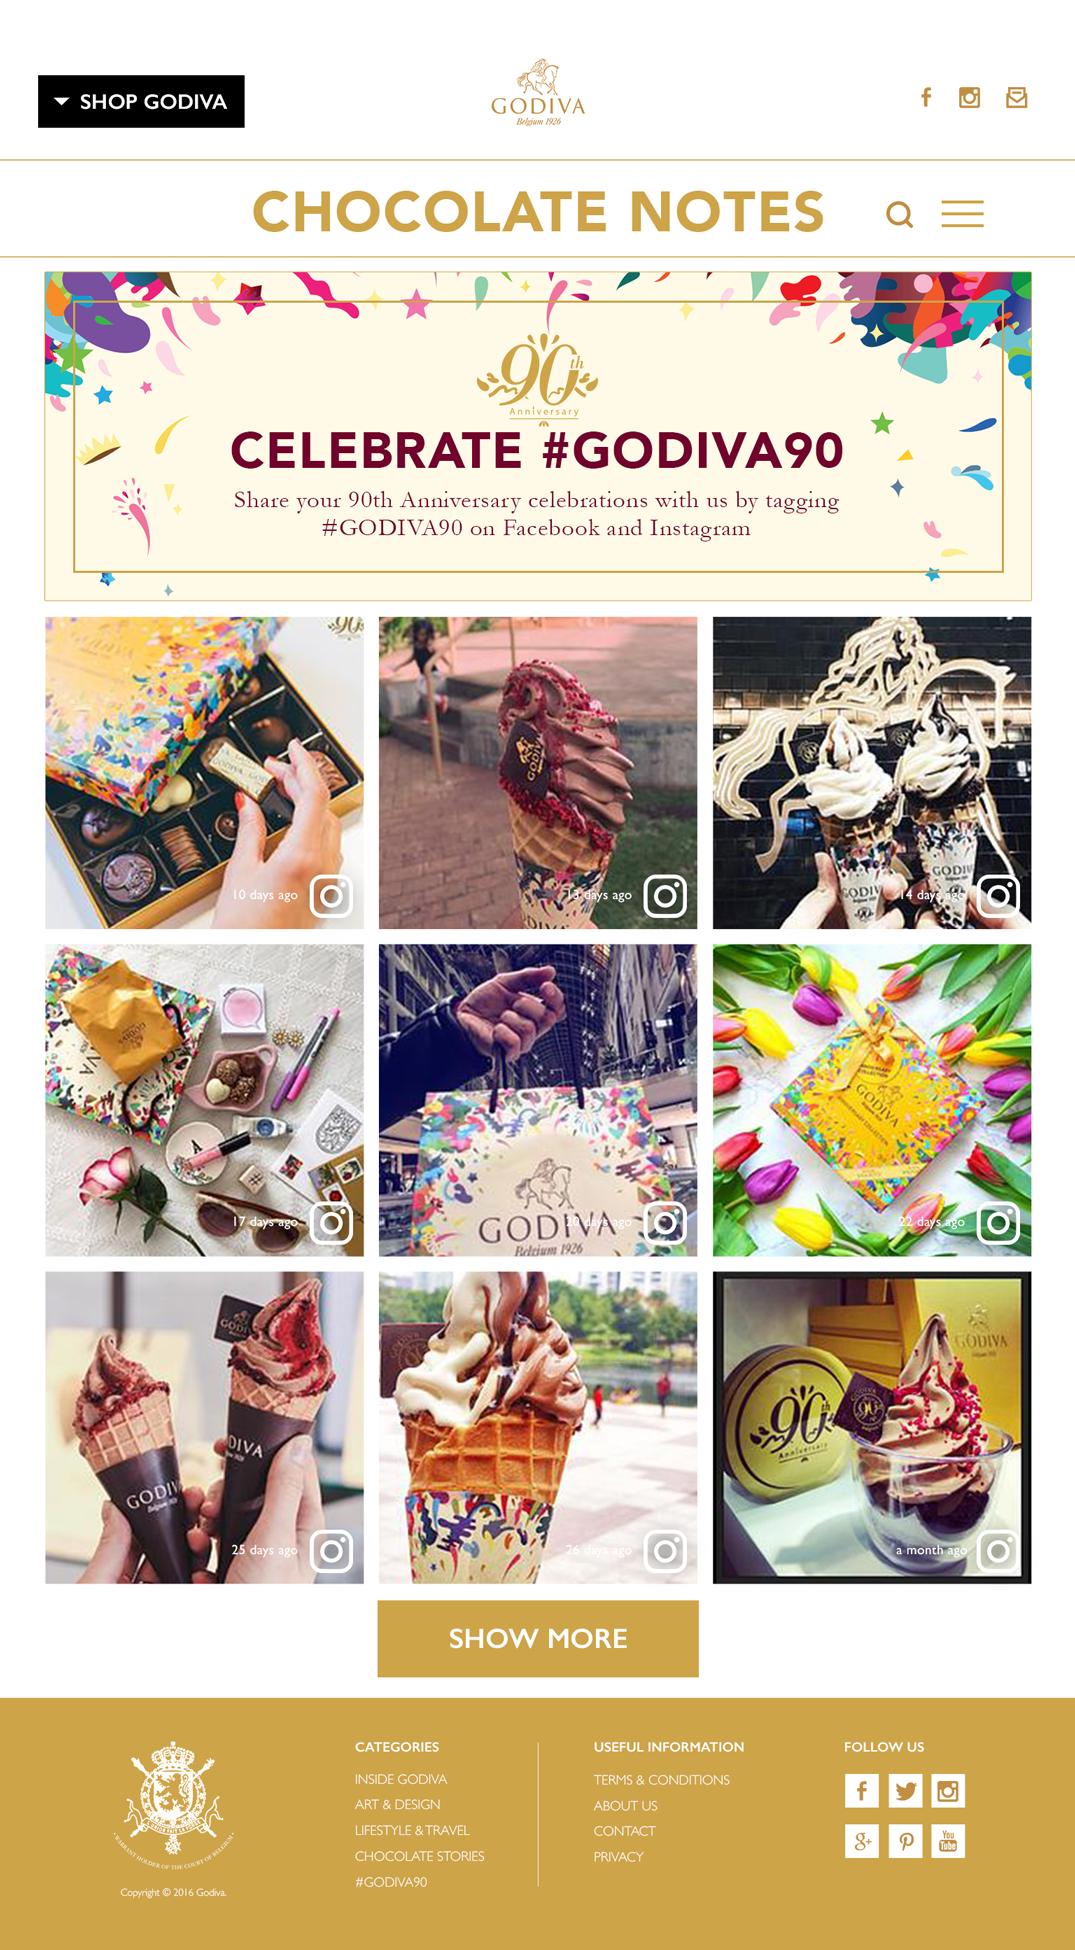 Godiva_dt_magazine_godiva90_tablet_WebOp